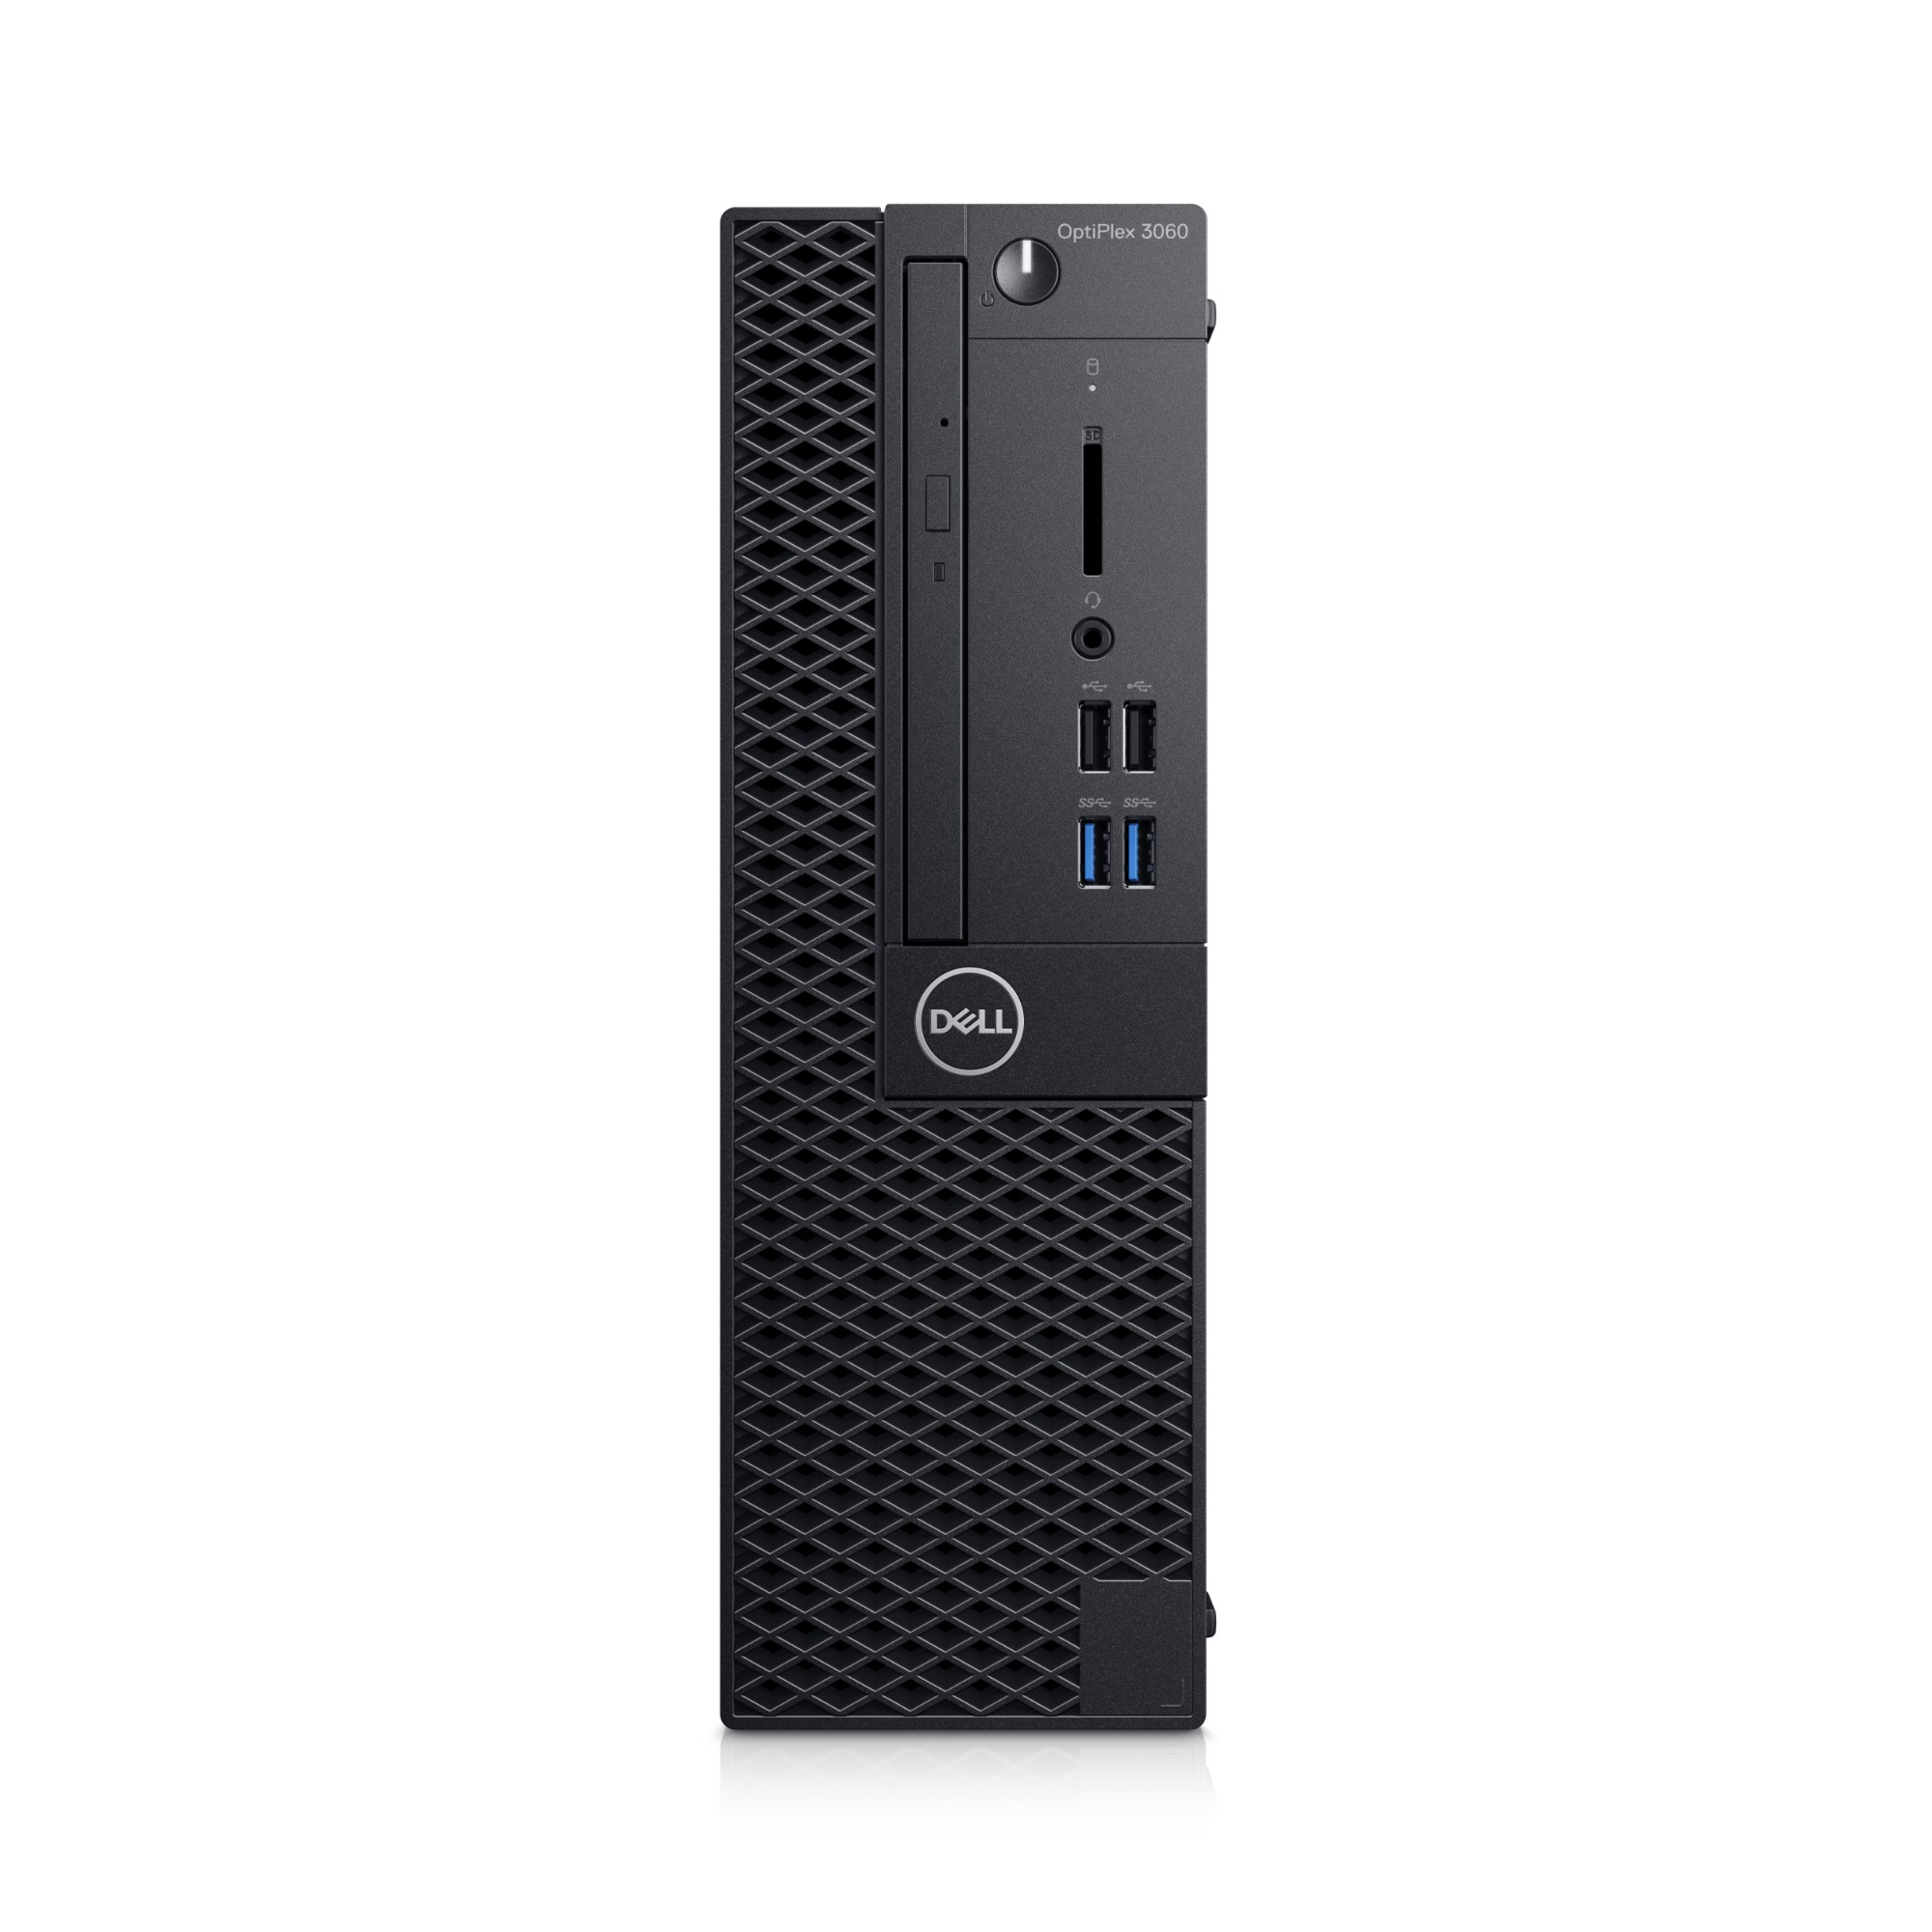 DELL OptiPlex 3060 Intel® 8ste generatie Core™ i5 i5-8500 8 GB DDR4-SDRAM 256 GB SSD Zwart SFF PC